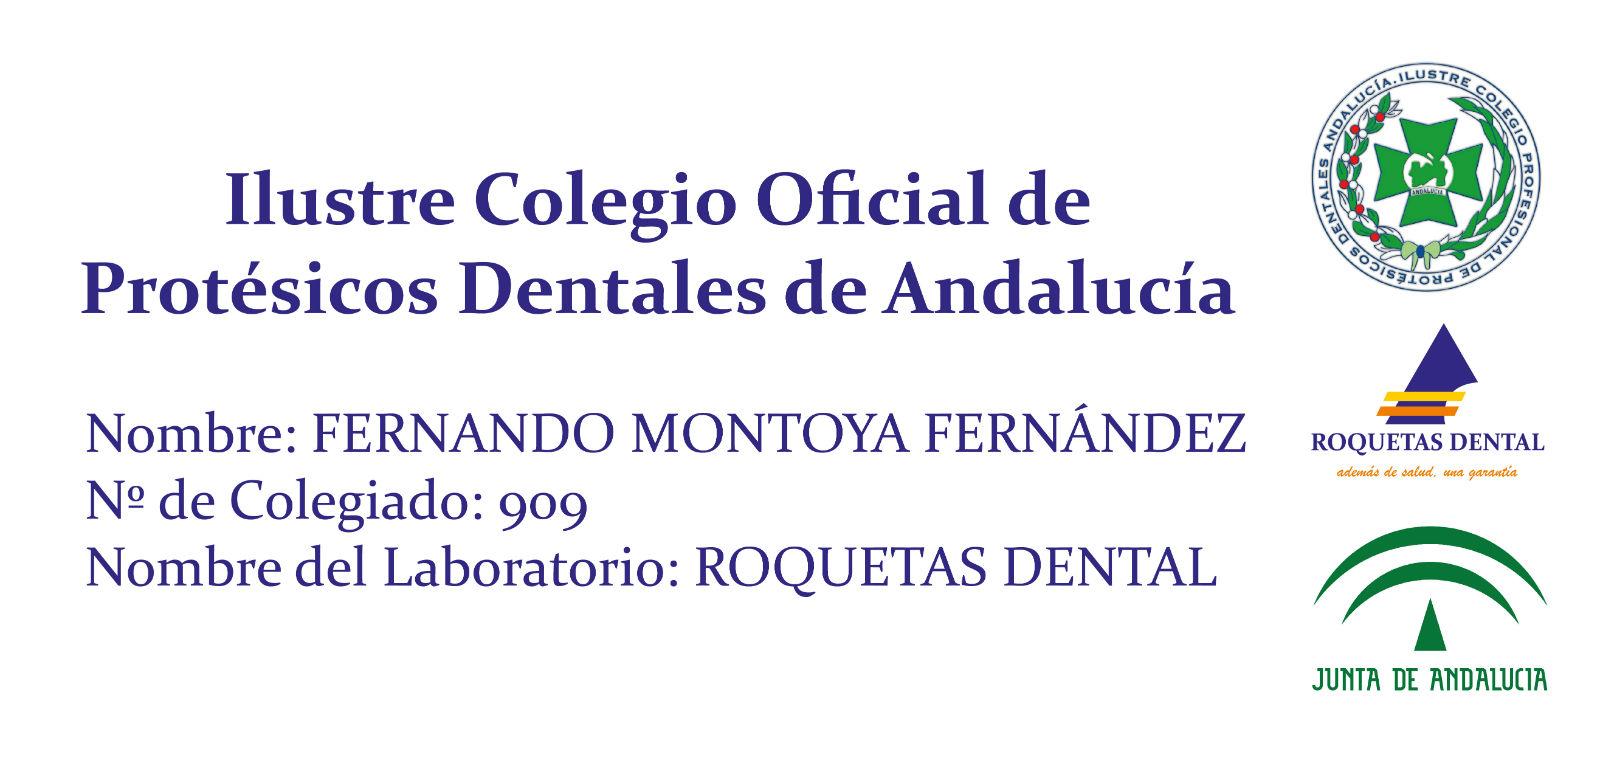 ilustre-colegio-oficial-de-protesicos-dentales-de-andalucia